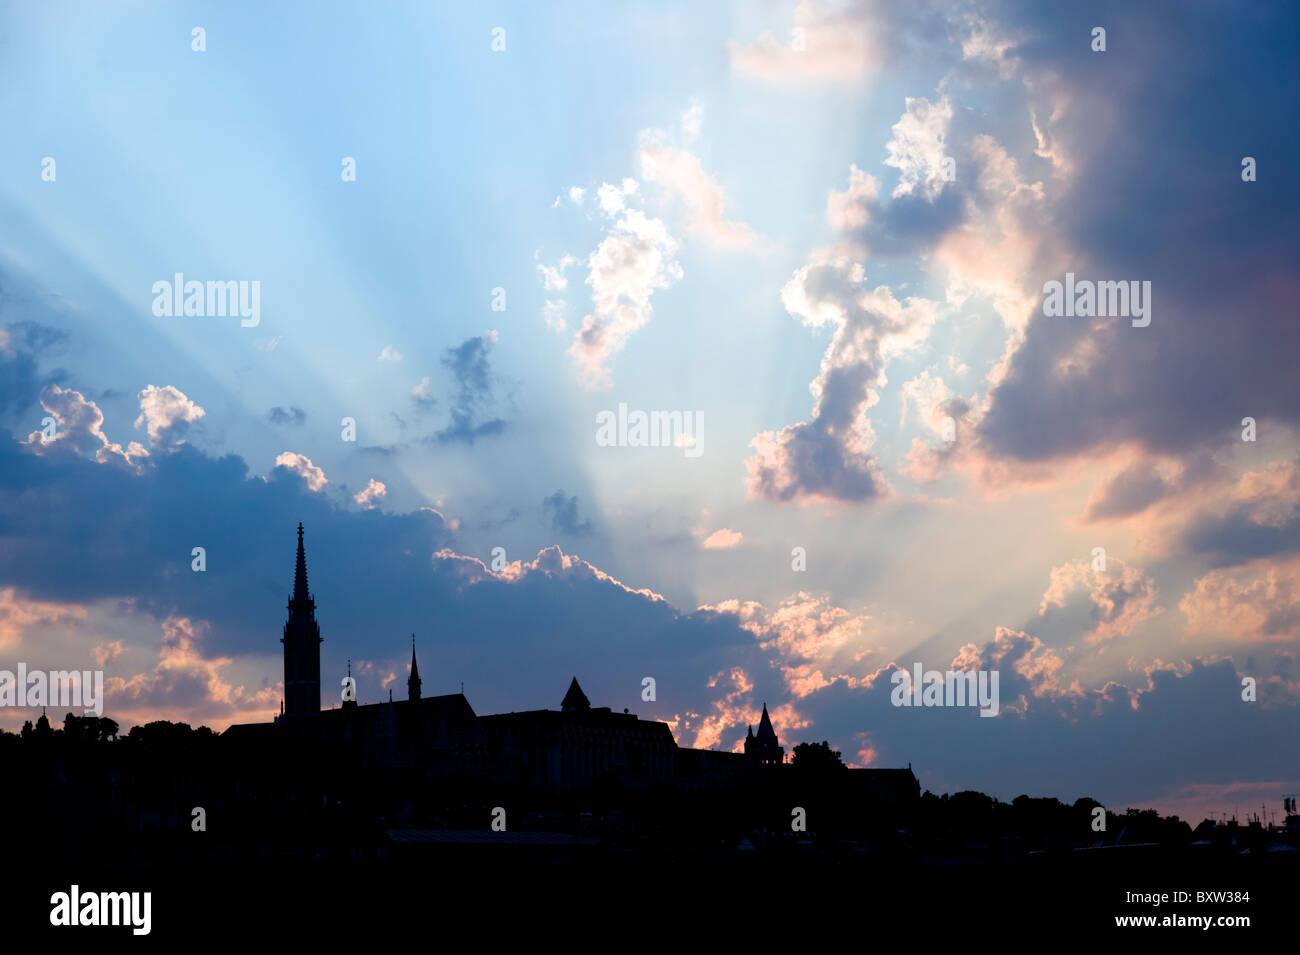 Silhouette di Budapest City skyline con cielo drammatico, Ungheria Immagini Stock